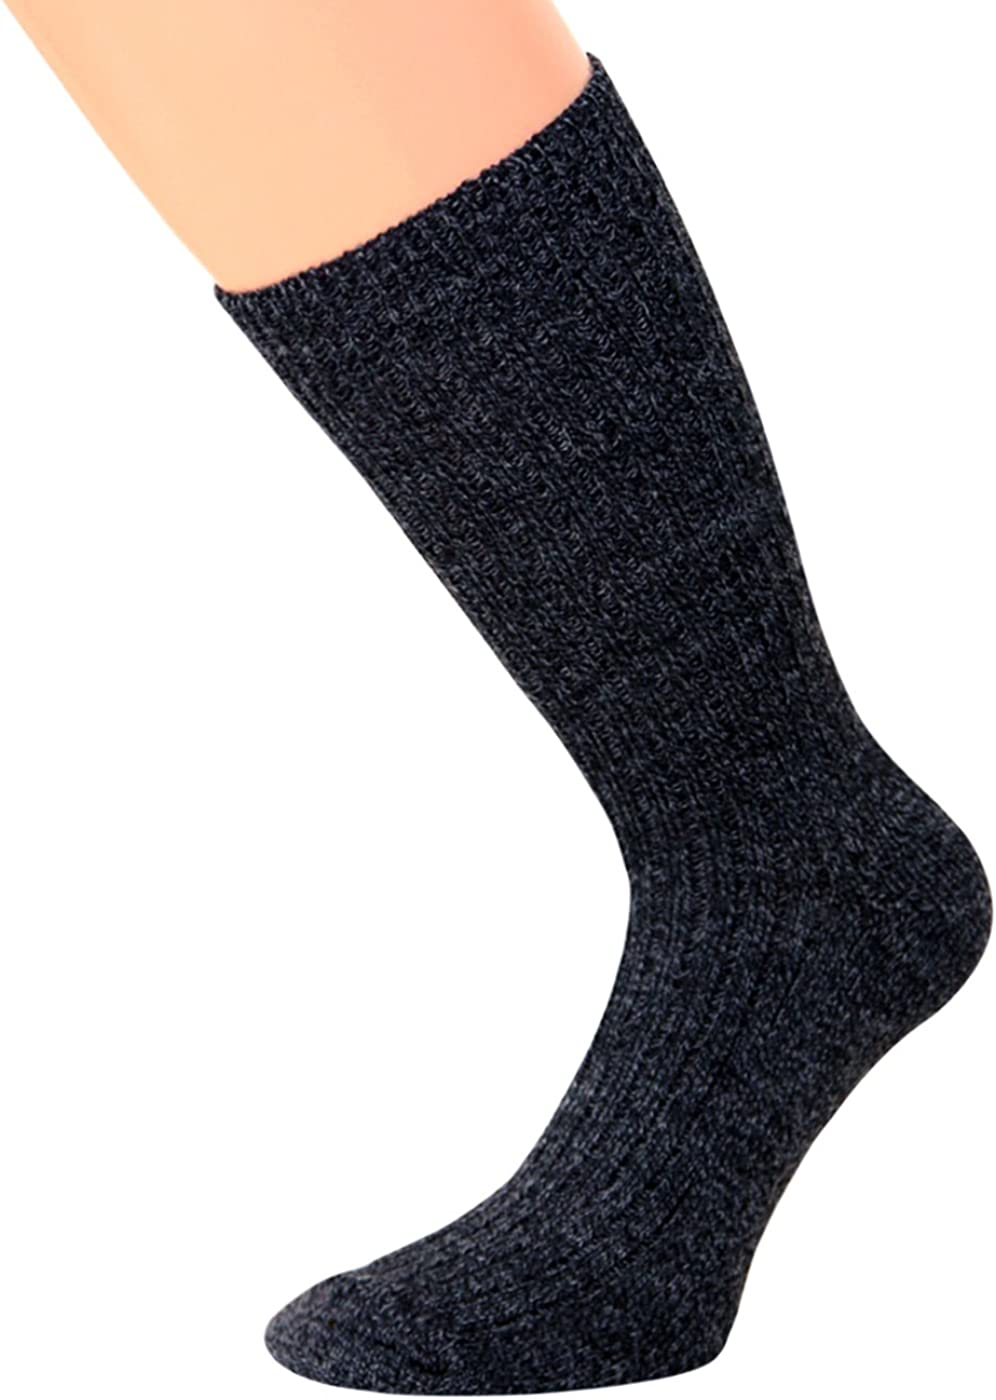 Wollsocken Norwegersocken Wintersocken mit Frotteesohle Thermosocken KB Socken